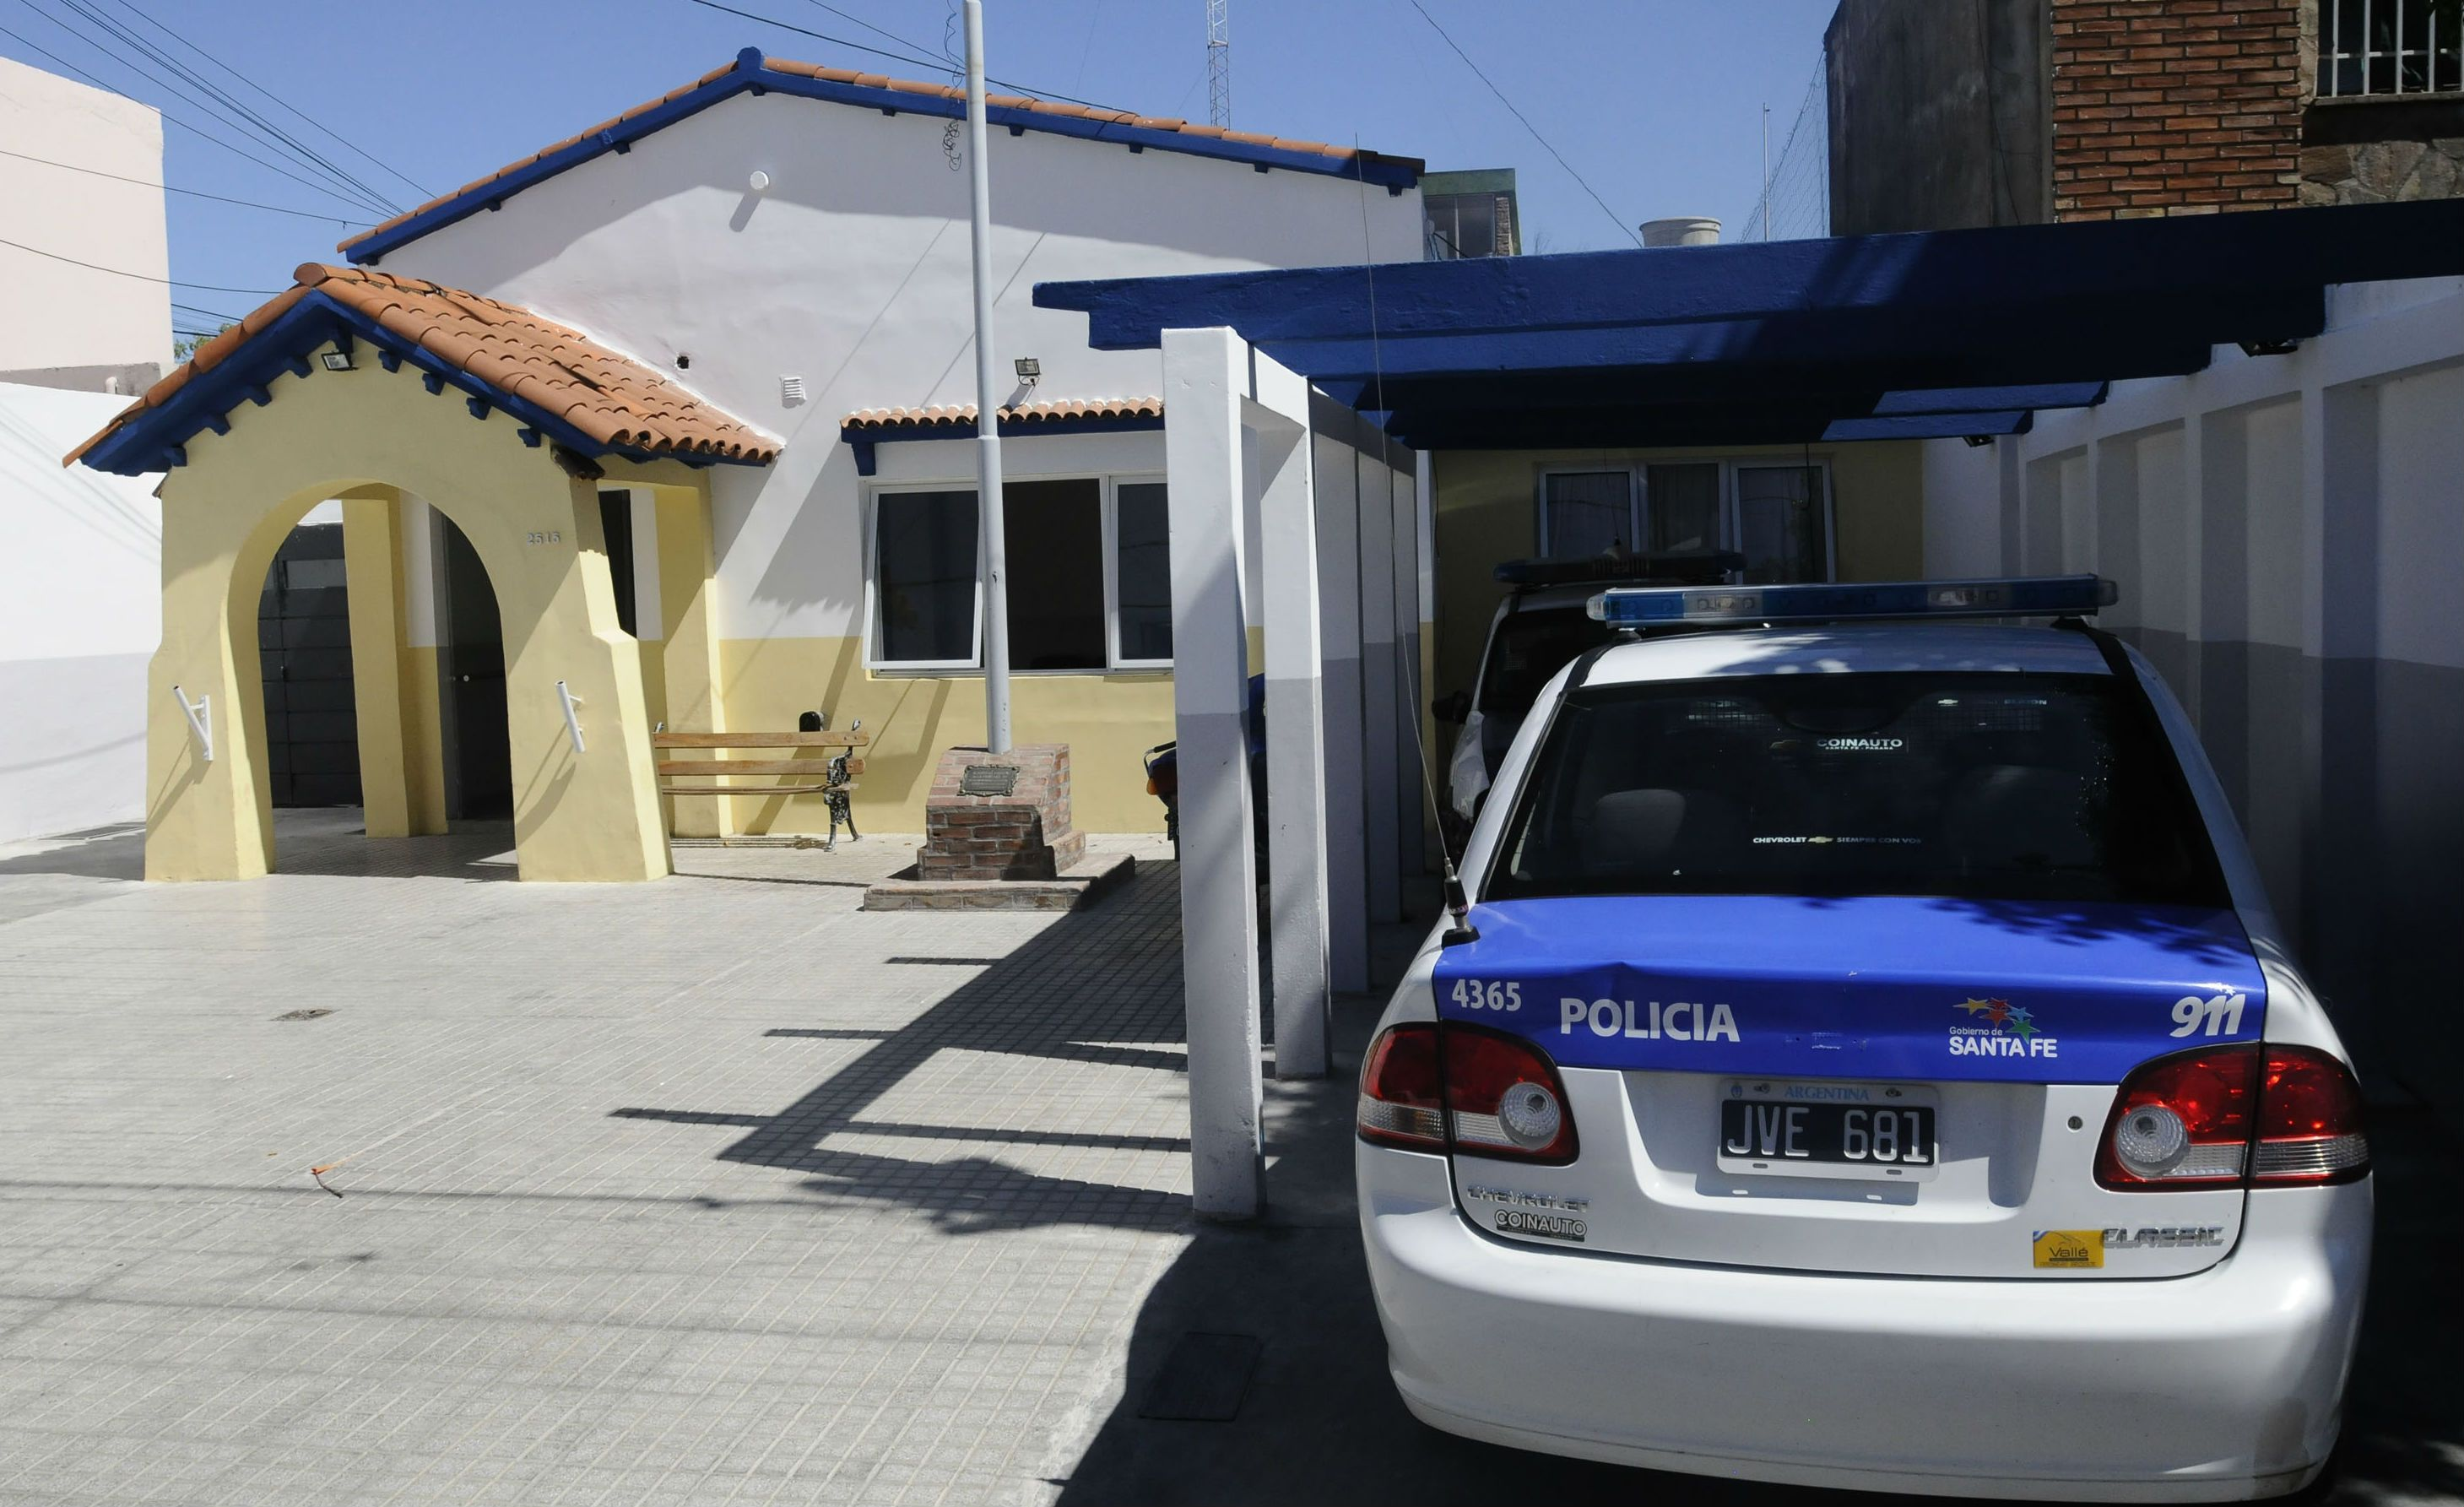 La Escuela Cristiana Evangélica Argentina que fue asaltada esta mañana está ubicada en la zona en la que tiene jurisdicción la Secciónal 10ª de policía.